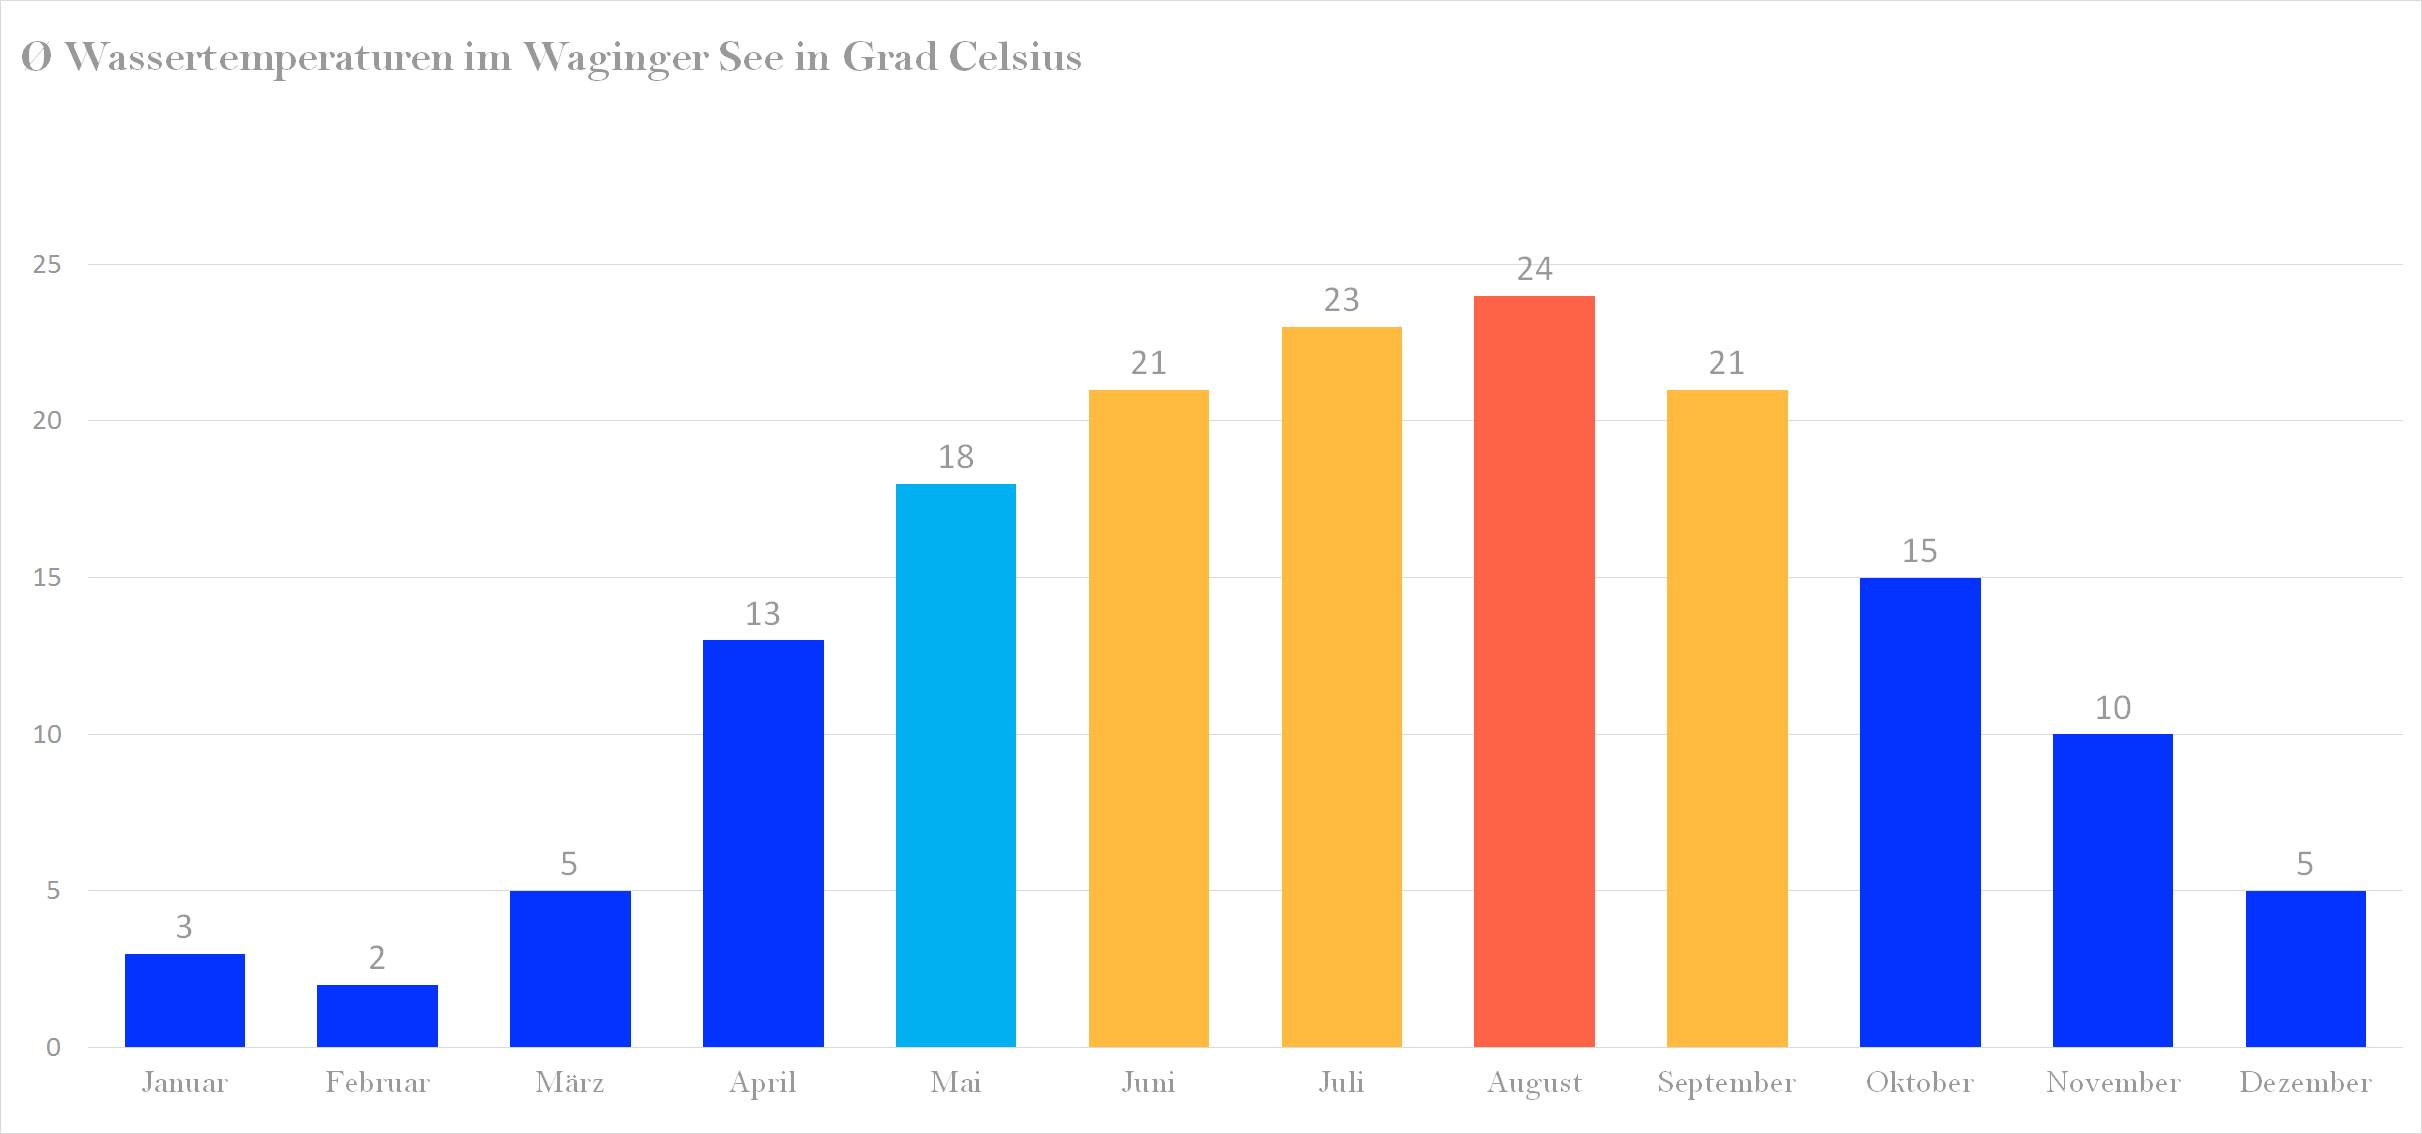 Durchschnittliche Wassertemperaturen im Waginger See nach Monaten